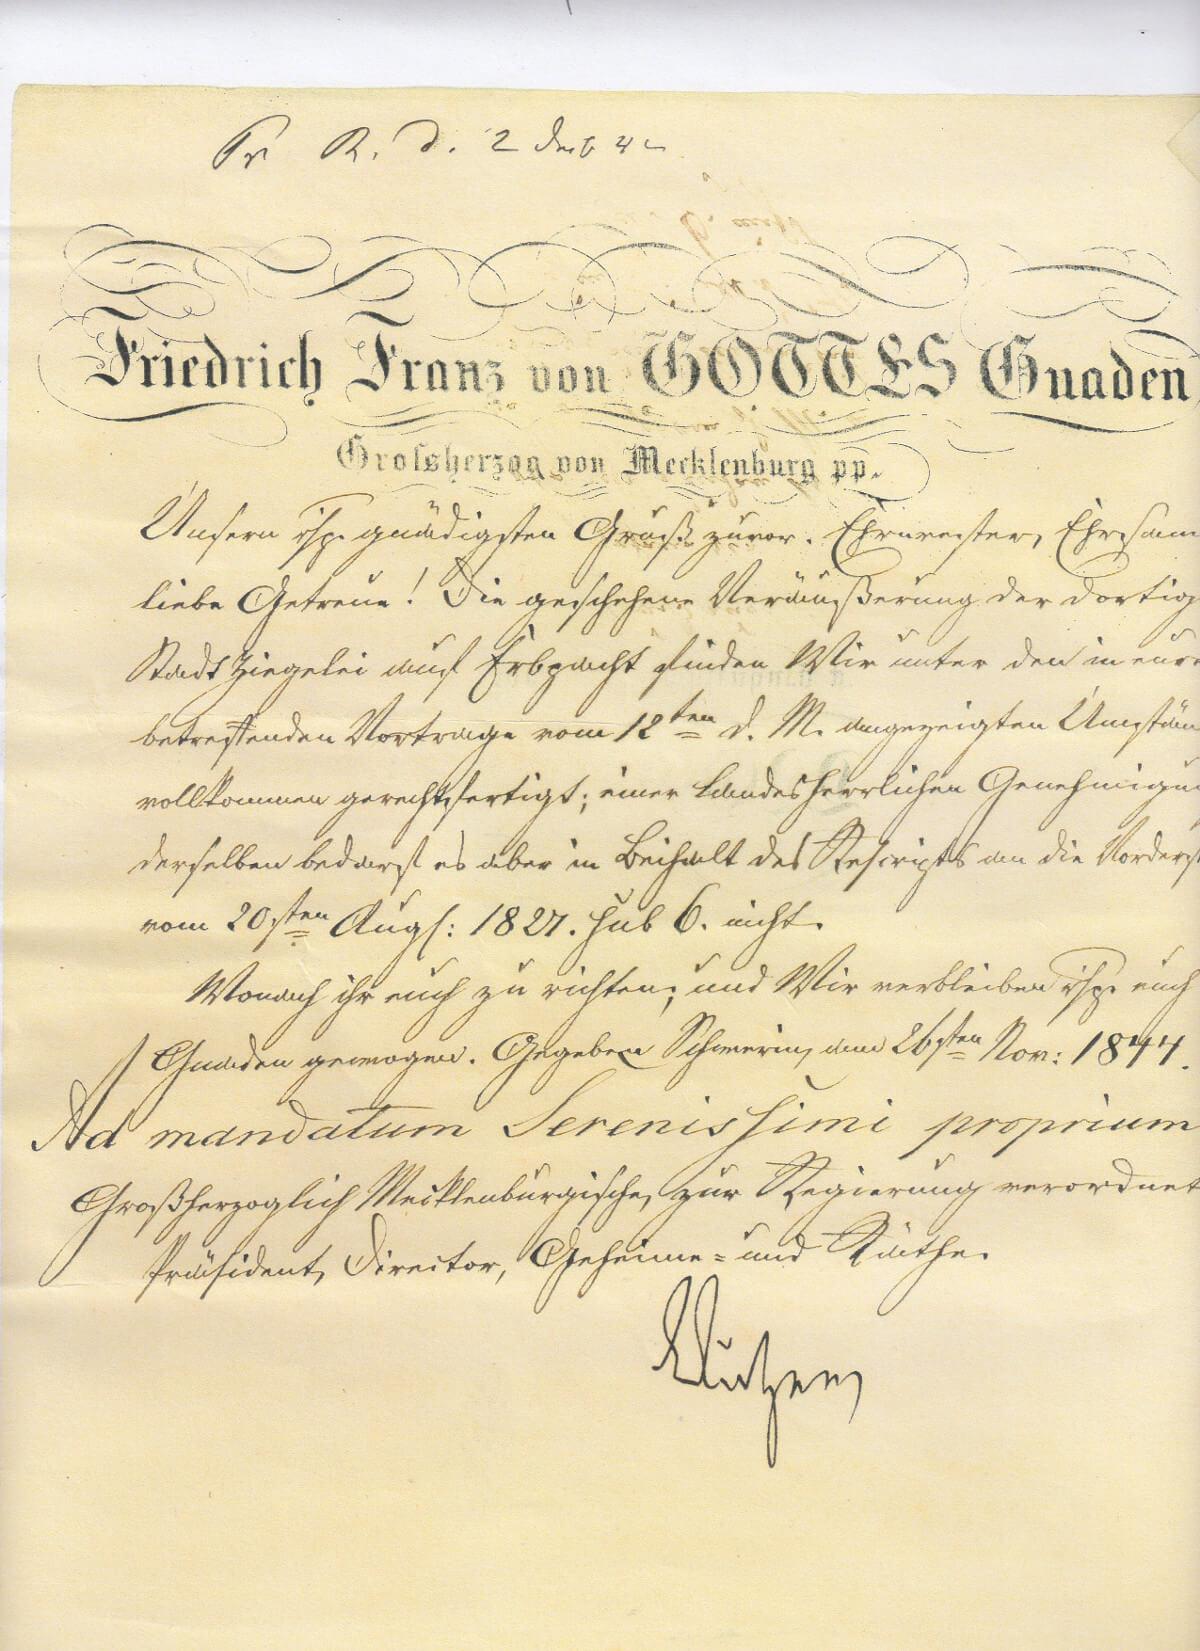 Pachtkaufbestätigung von Friedrich Franz II. Großherzog von Mecklenburg. | Ferienwohnungen Müritz - Alte Ziegelei